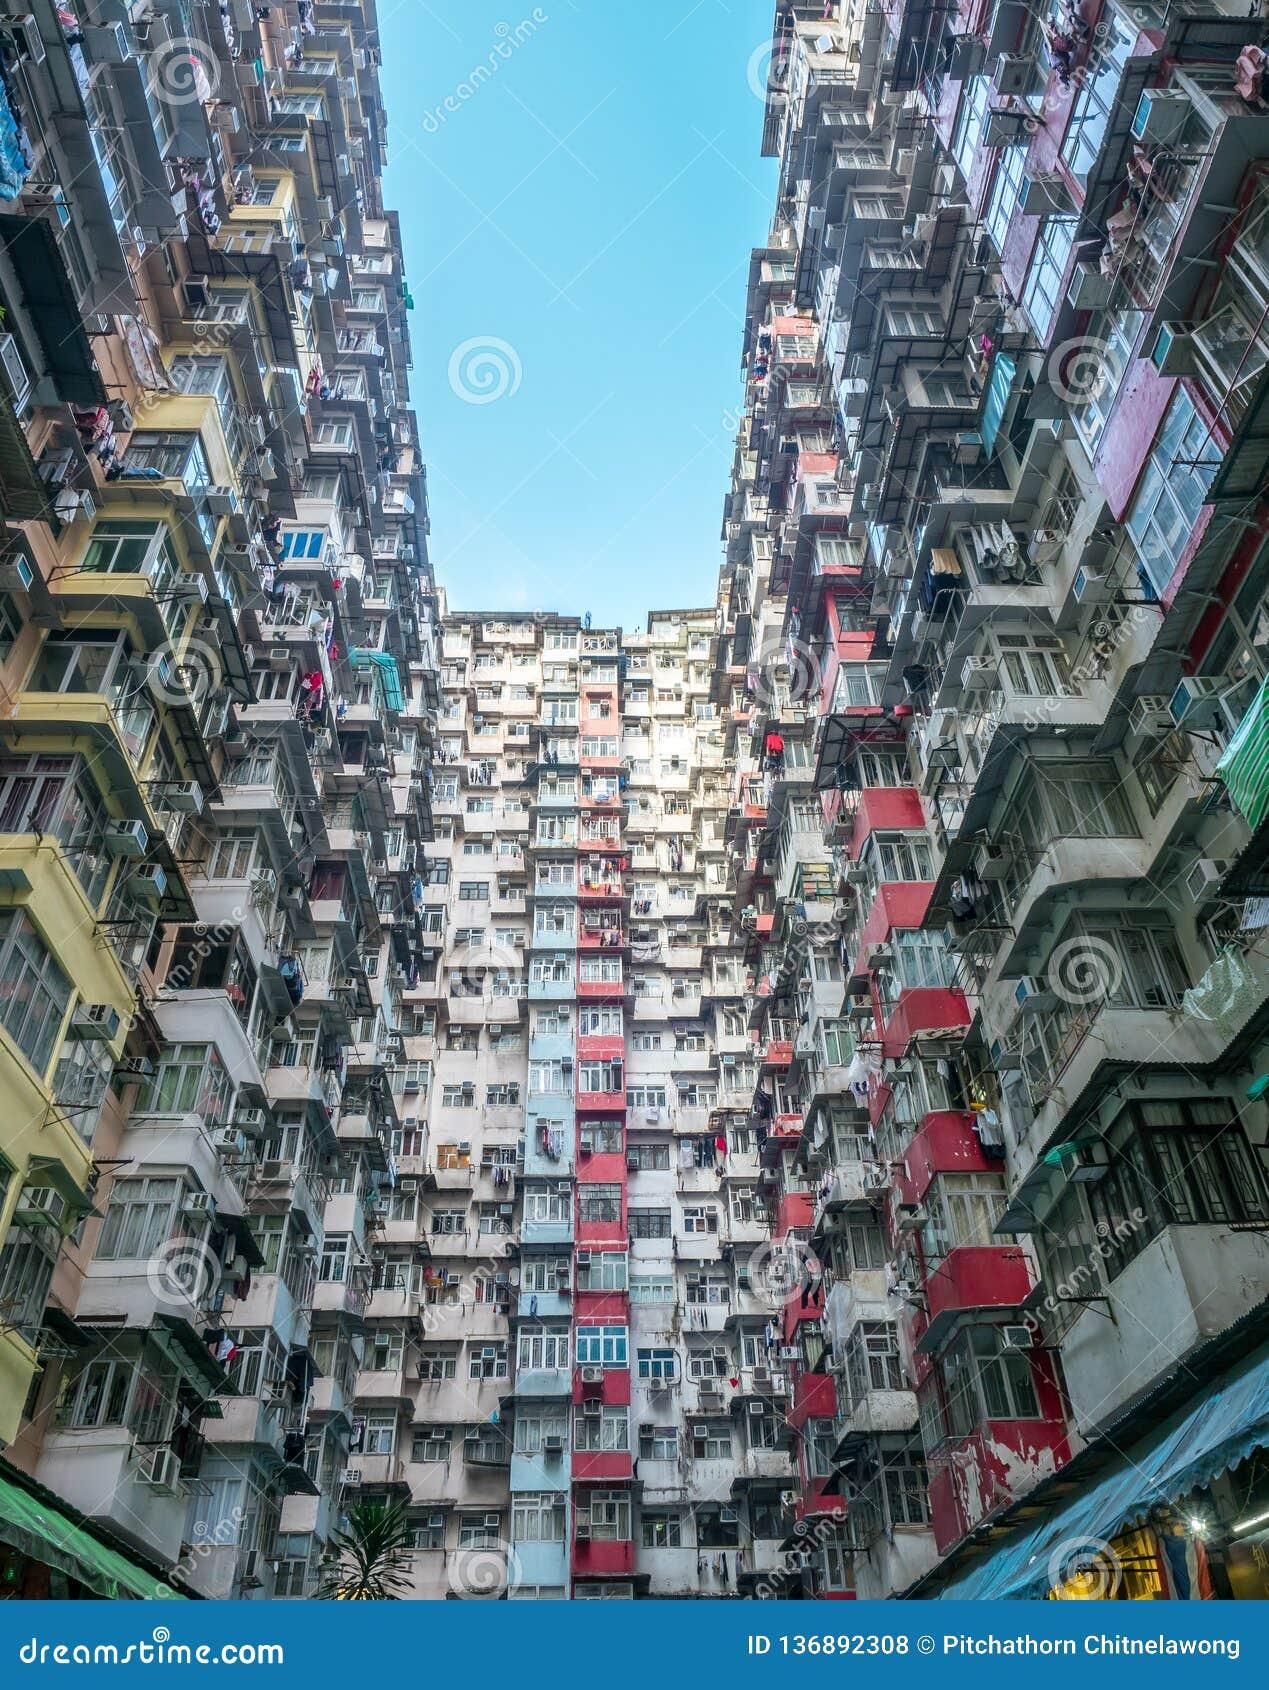 Yik Cheong Building In Hong Kong China Editorial Stock Photo Image Of Hong Living 136892308